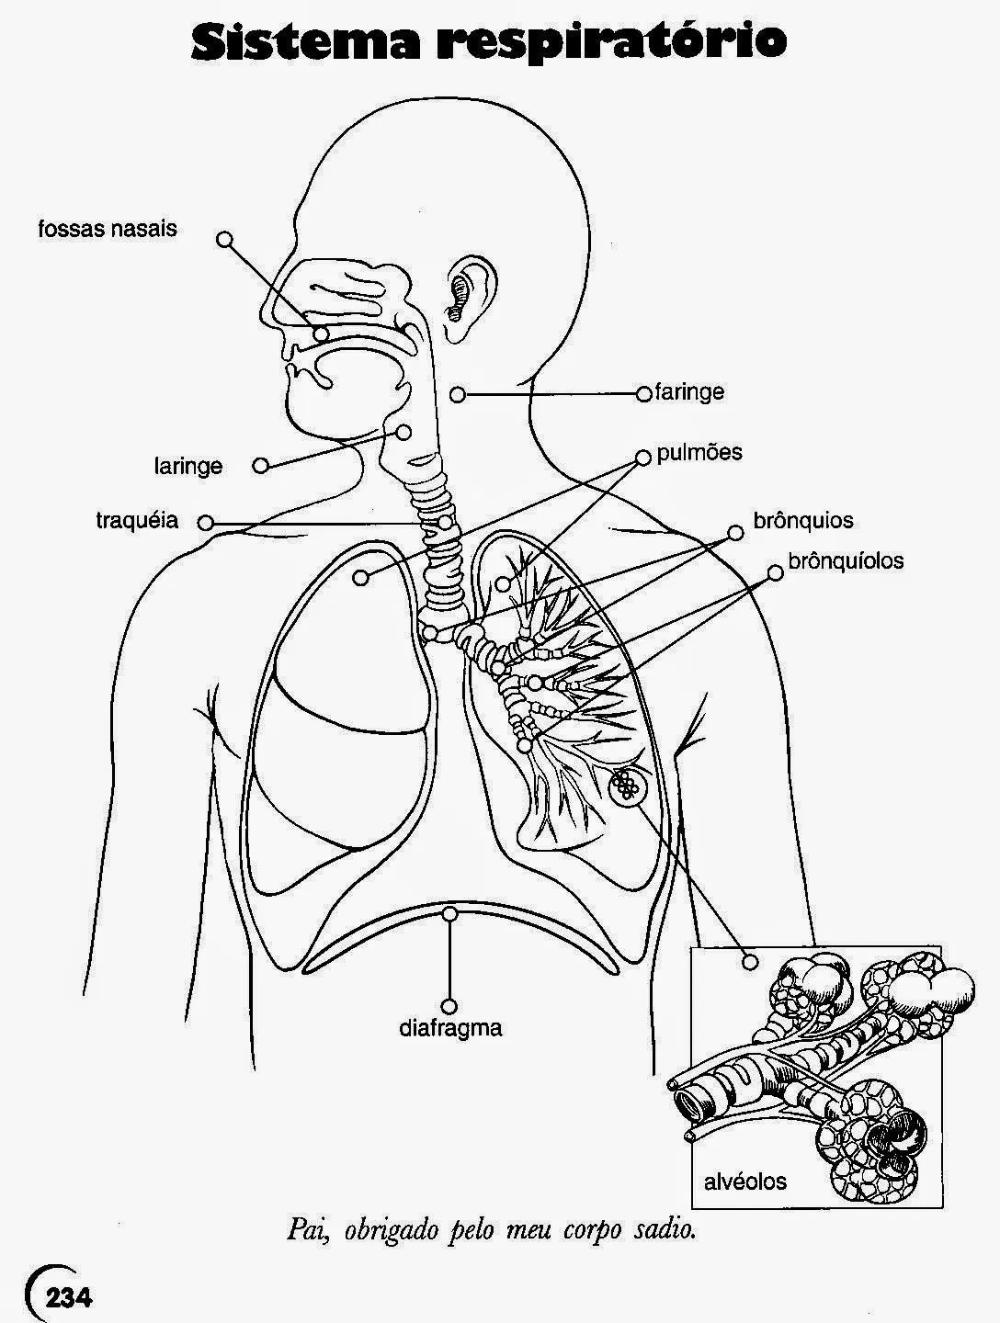 44 Atividades sobre Sistema Respiratório para Imprimir - Online Cursos  Gratuitos em 2020 | Sistema respiratório, Atividades de ciência, Ciencias